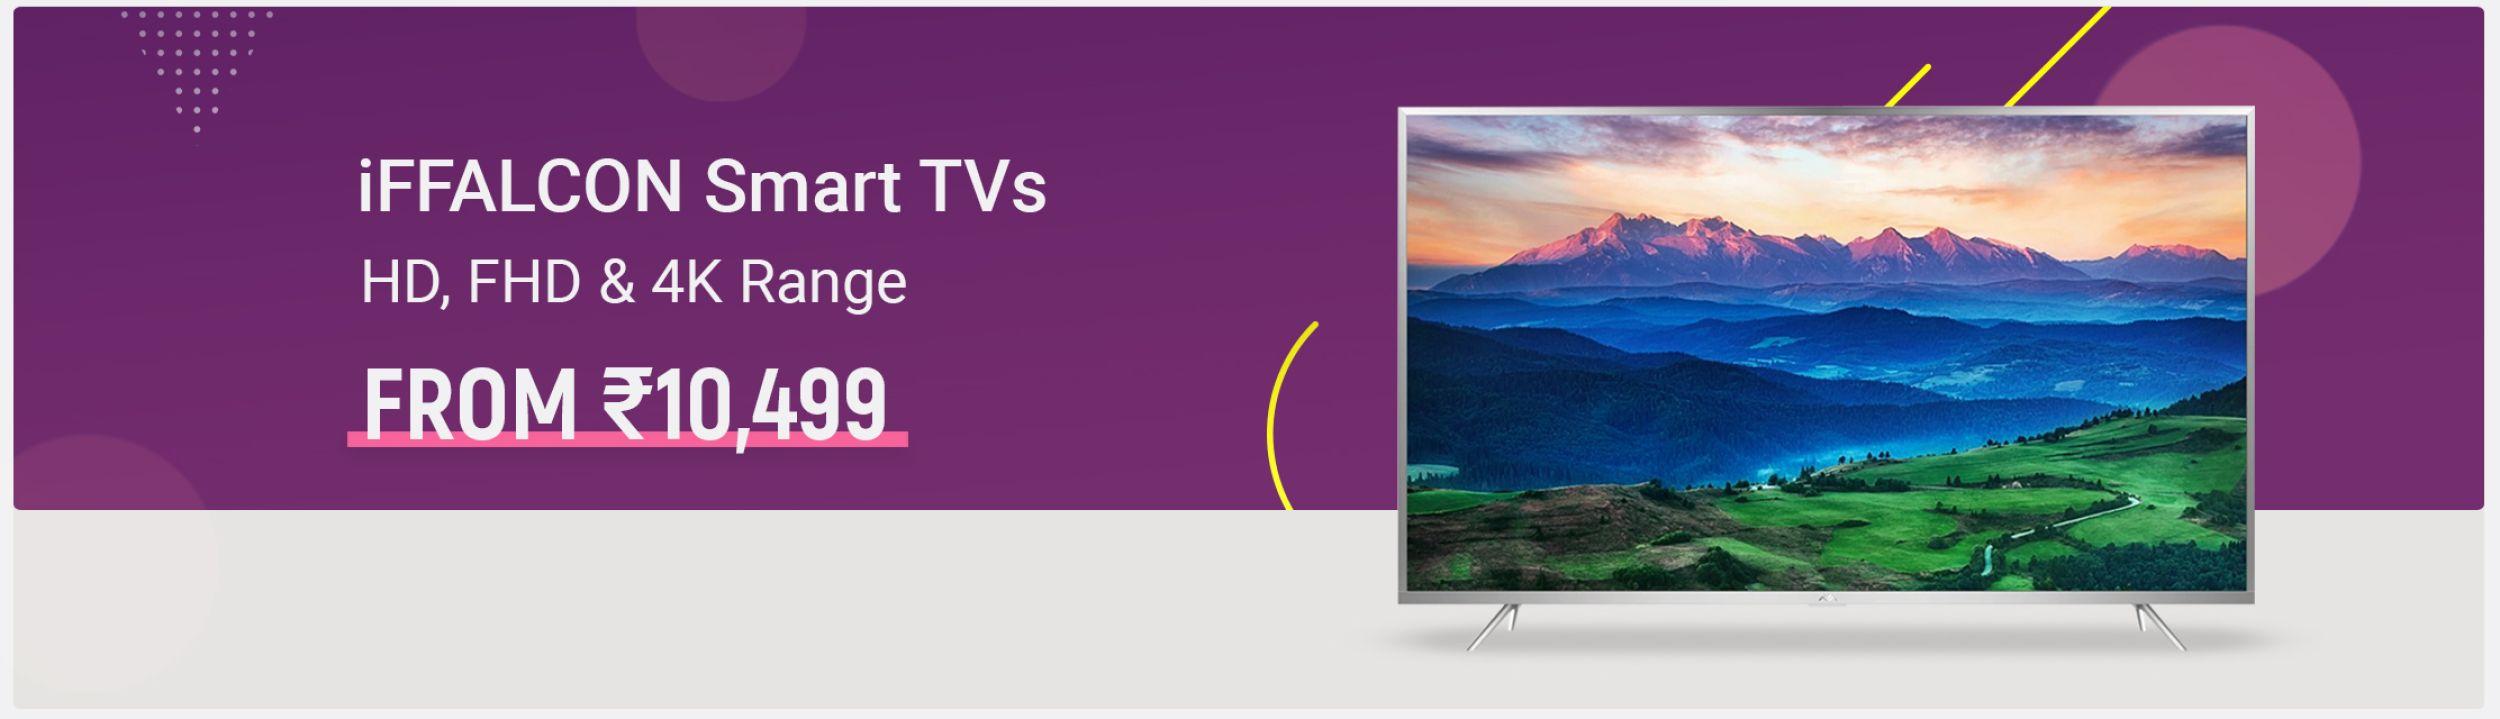 TV-CLP-IffalconSmartTVs